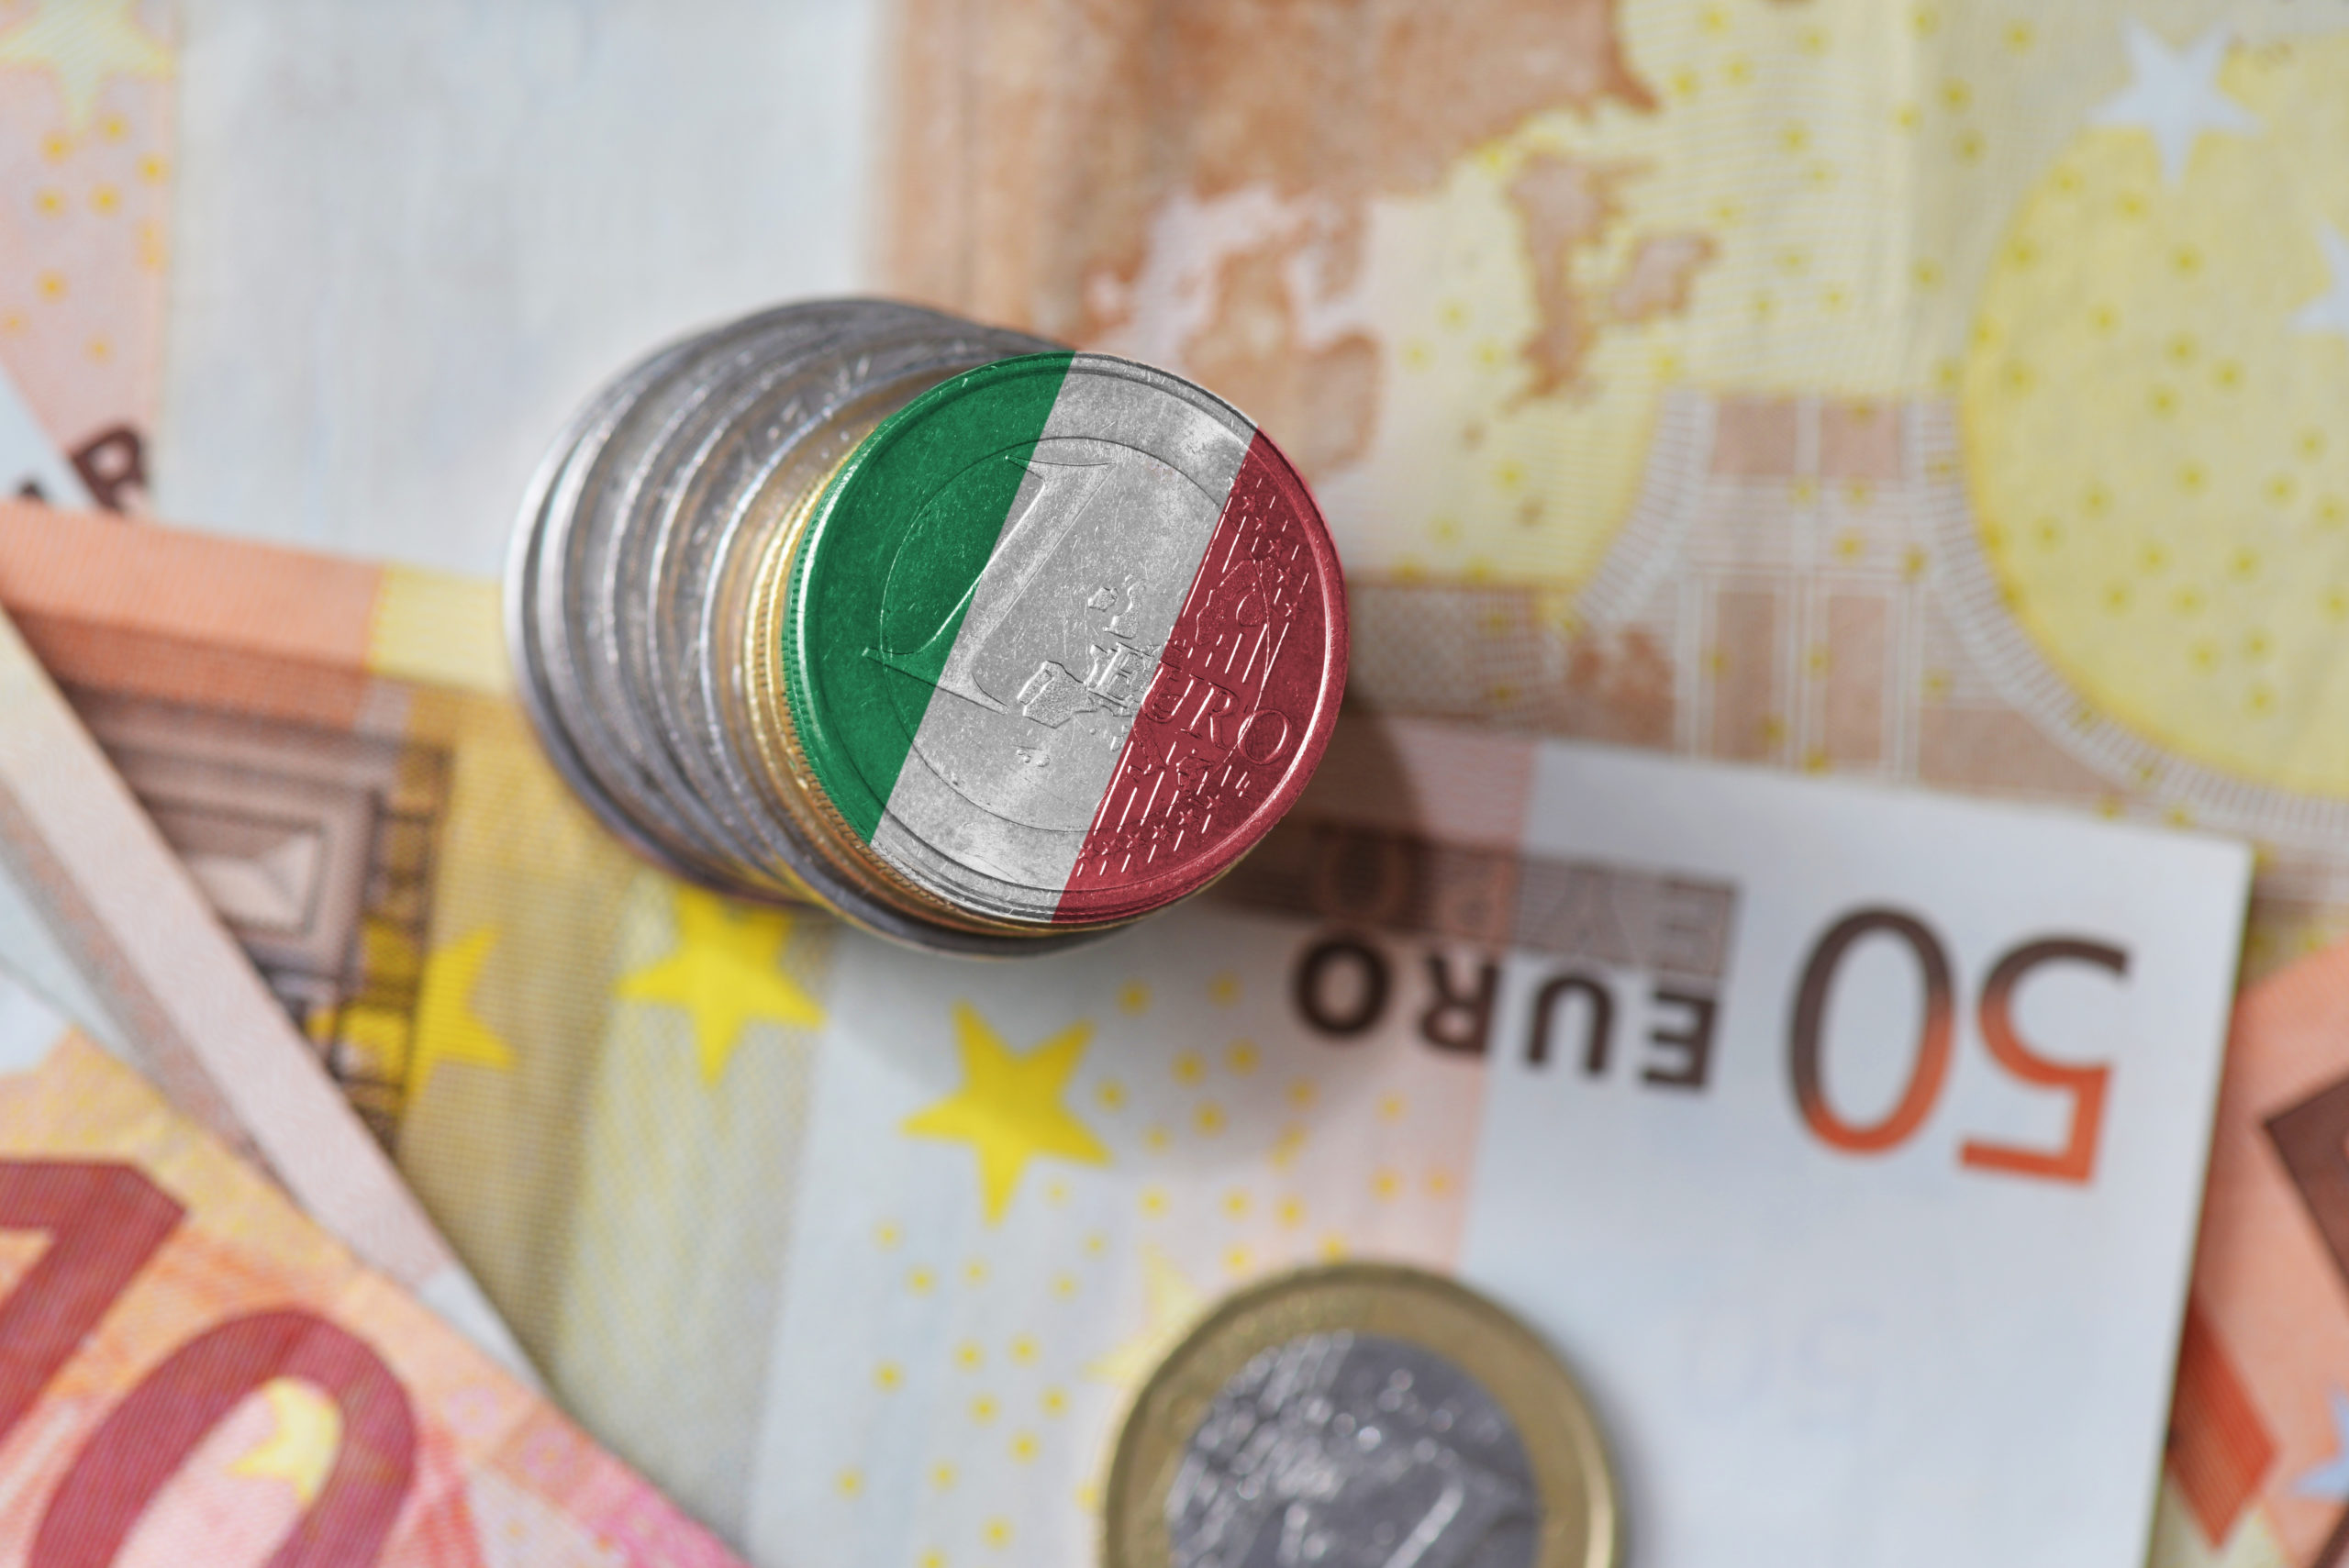 Italia agradece labor de médicos y enfermeras con moneda de dos euros